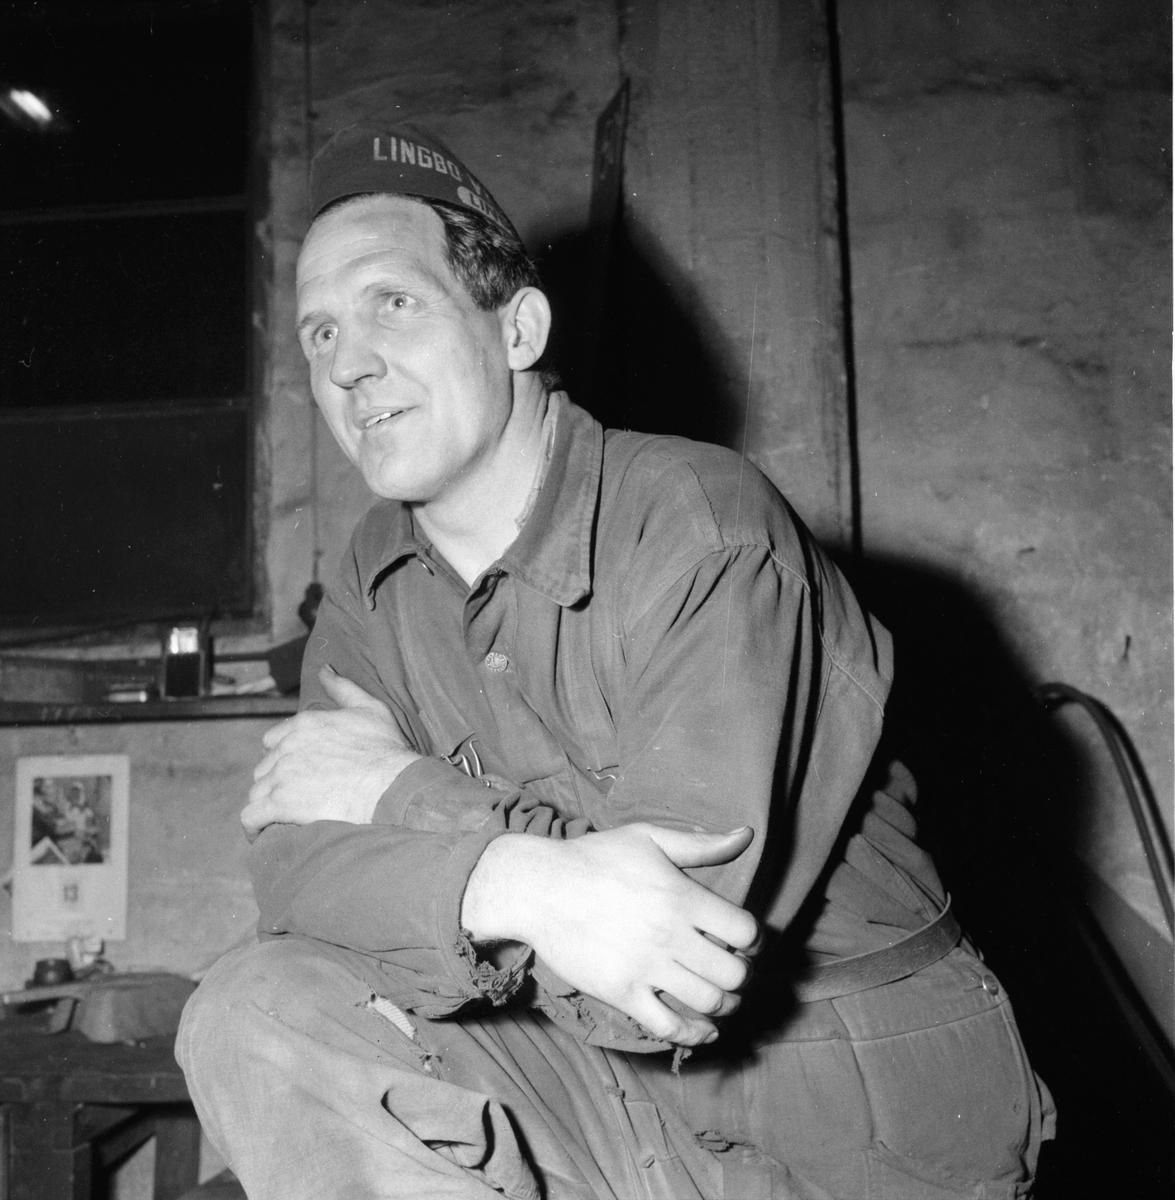 Lingbo verkstäder. Stig Selander konståkningen 13/11 1958